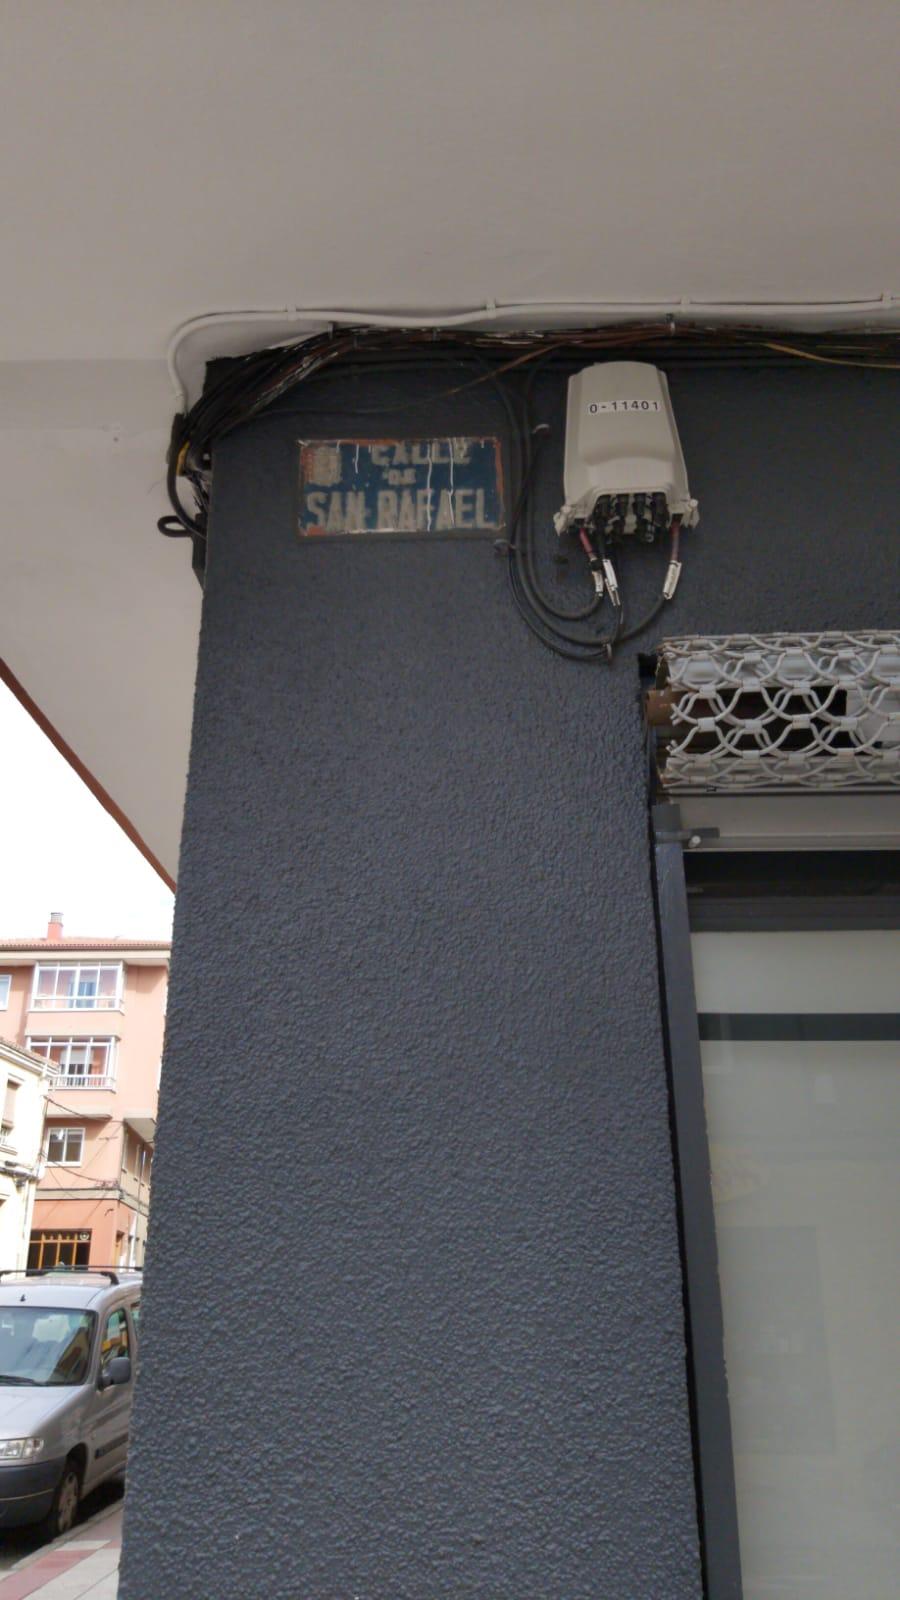 PrecauciónPrecaución si circulas por la calle San Rafael de León si circulas por la calle San Rafael de León